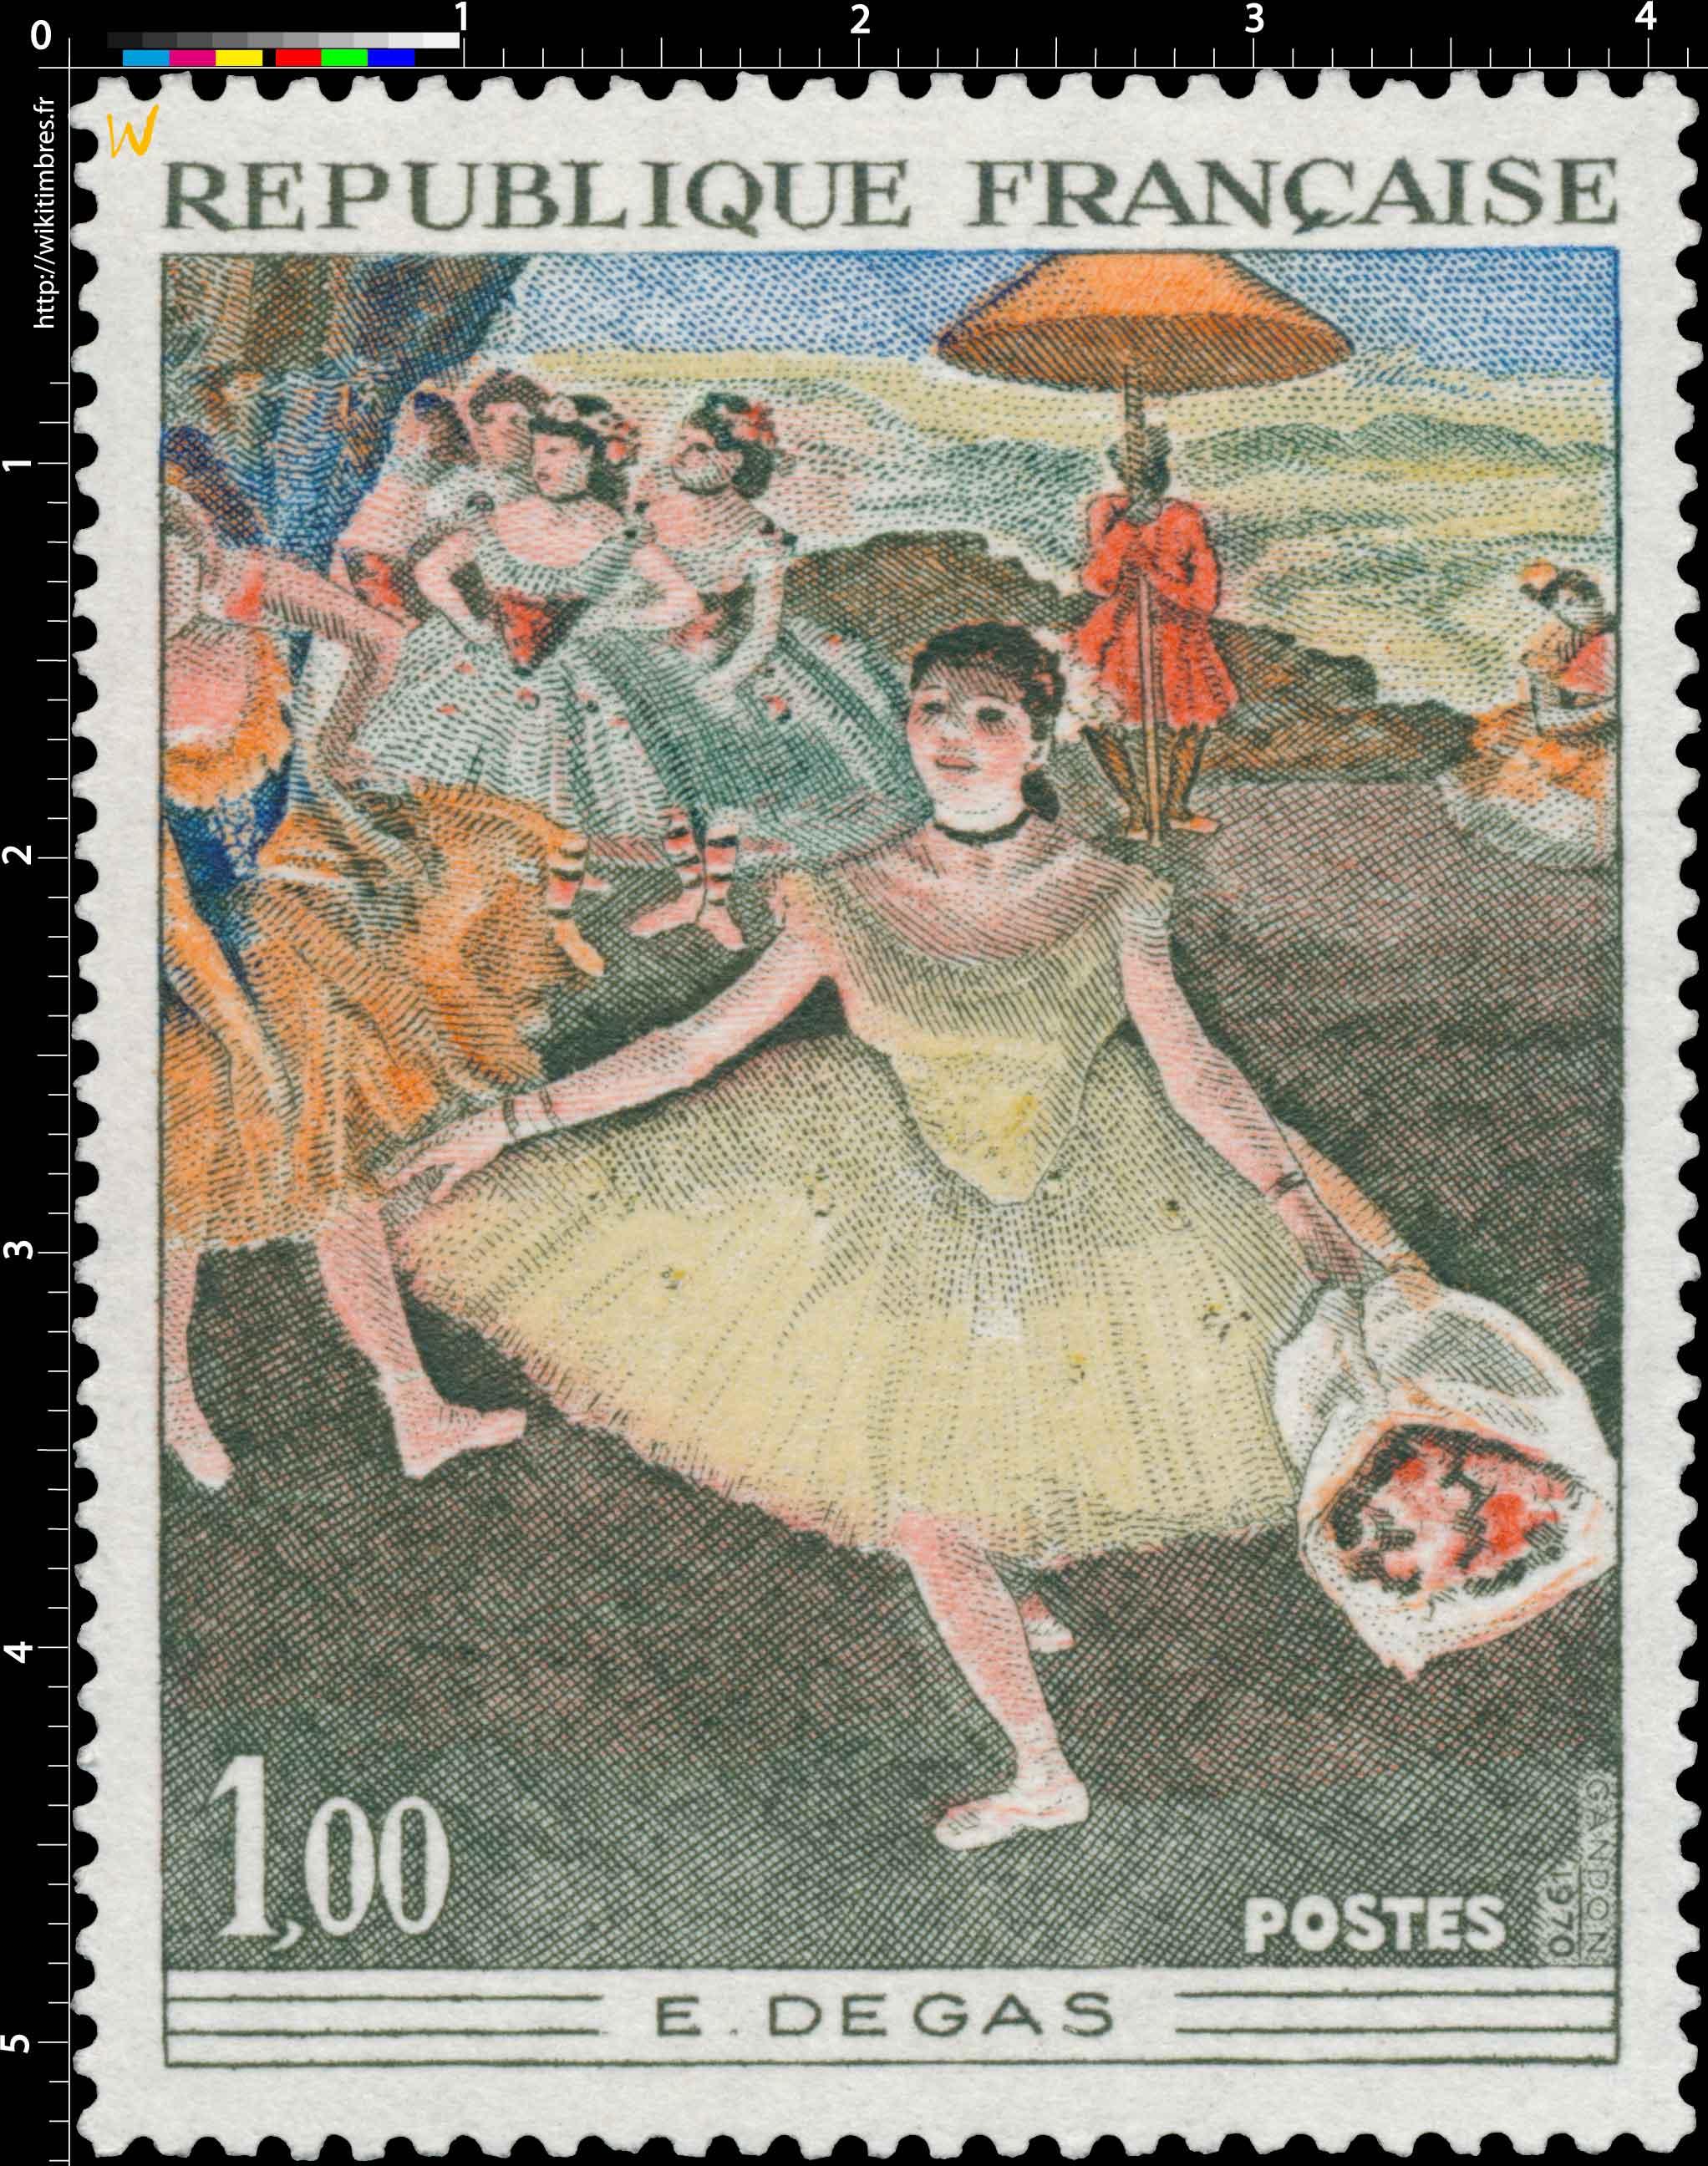 1970 E. DEGAS